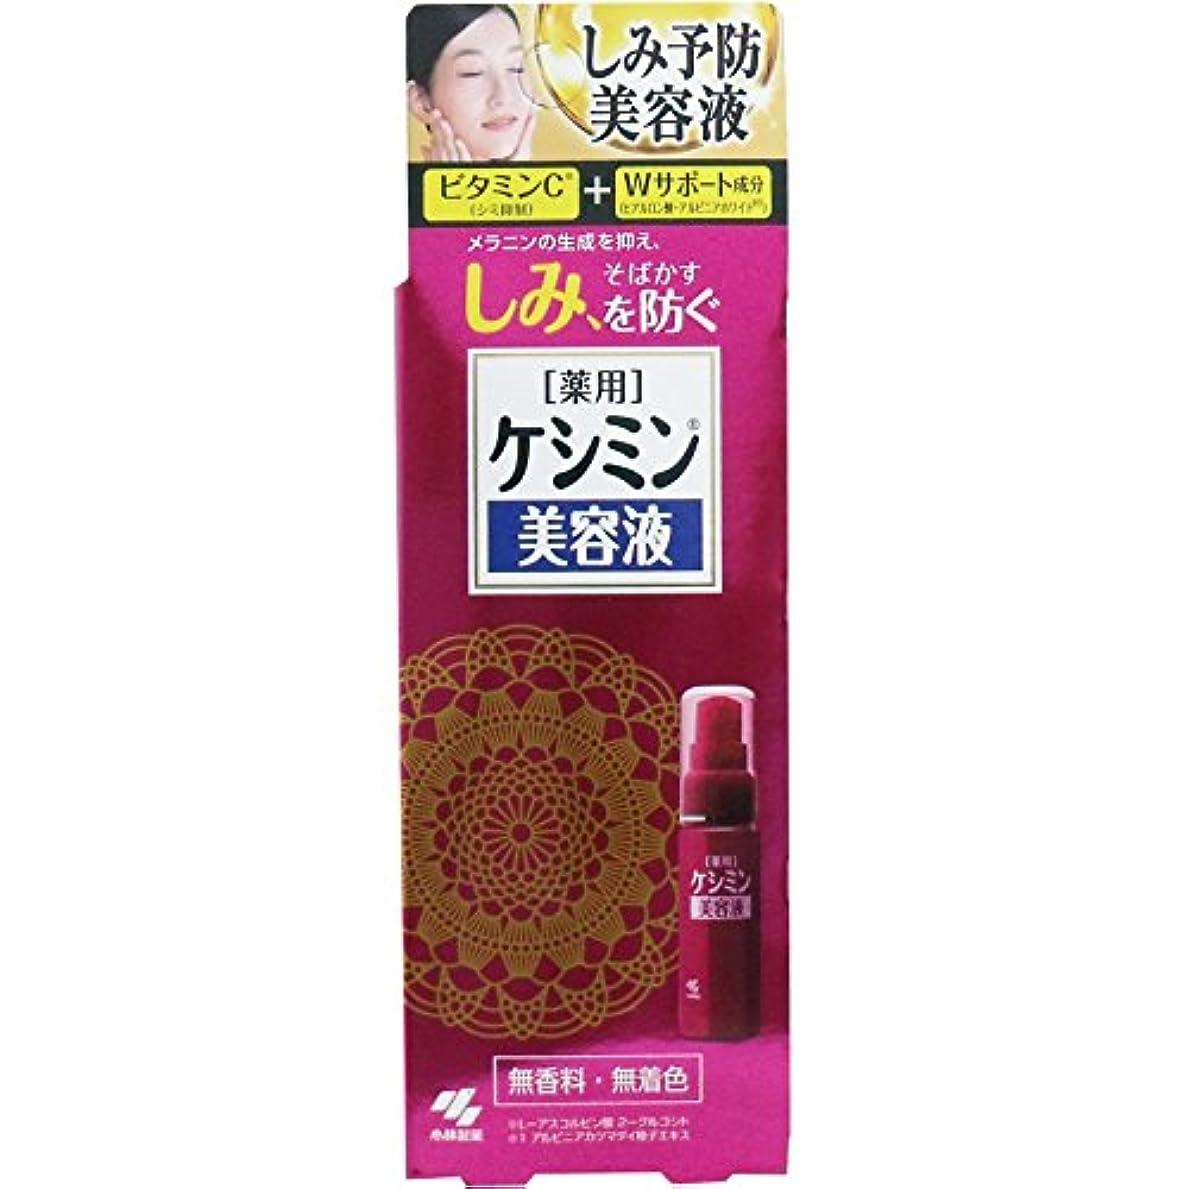 してはいけないホールド送るケシミン美容液 シミを防ぐ 30ml×6個